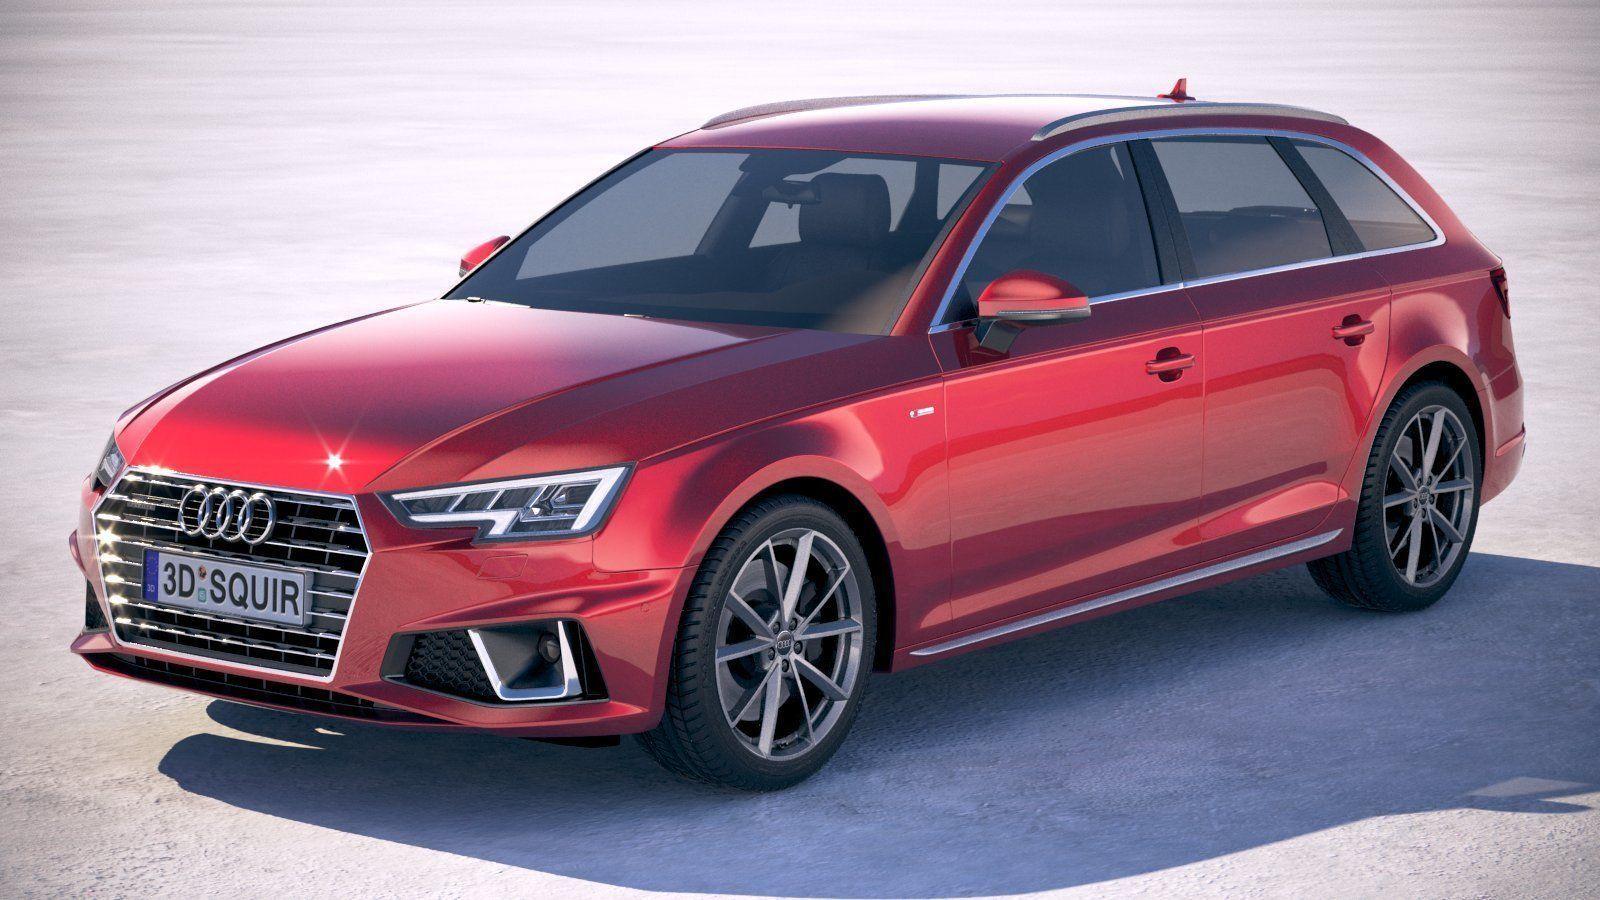 Audi A4 S Line Avant 2019 3d Model